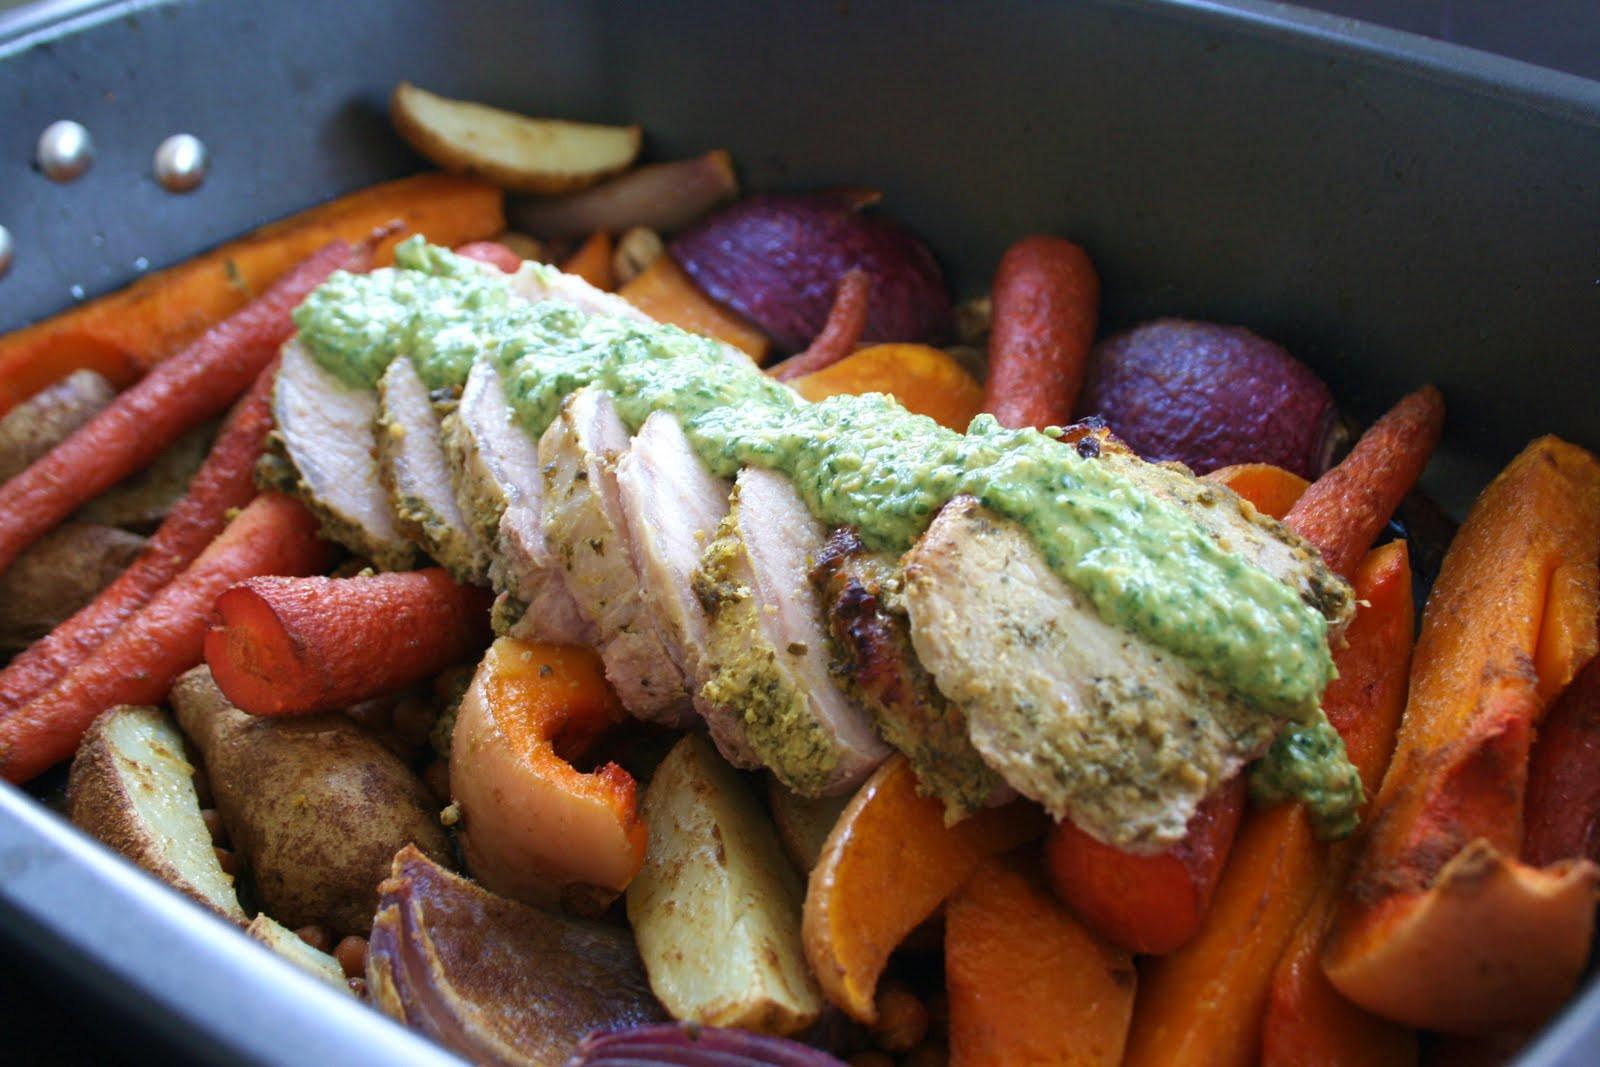 Vegetables For Easter Dinner  Meal Planning 101 Easter Dinner Ideas